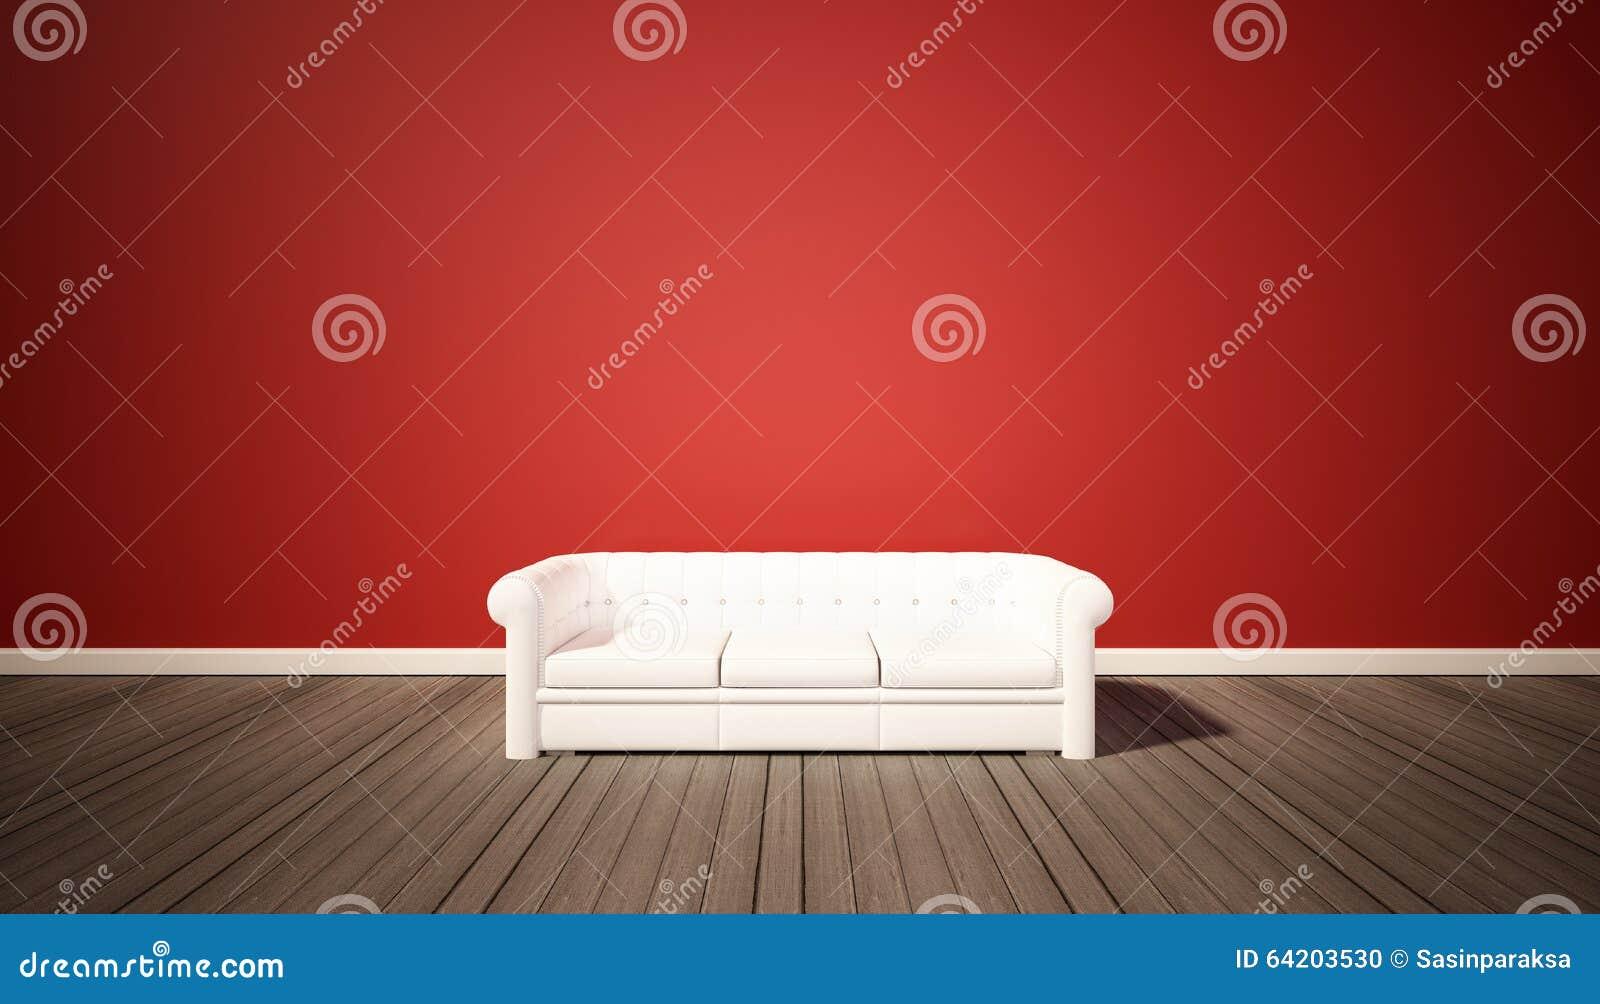 Holzfußboden Für Wohnzimmer ~ Wohnzimmer rote wand und dunkler holzfußboden mit weißem sofa